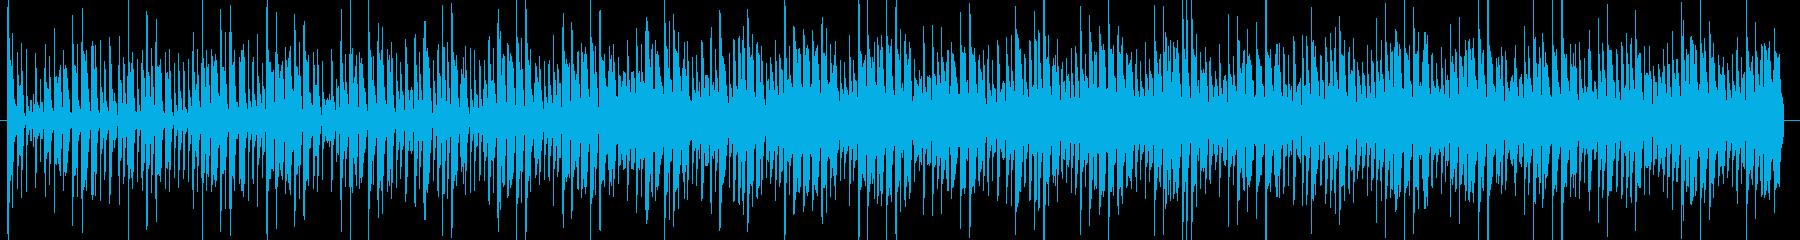 宇宙的な雰囲気のオープニングテクノの再生済みの波形